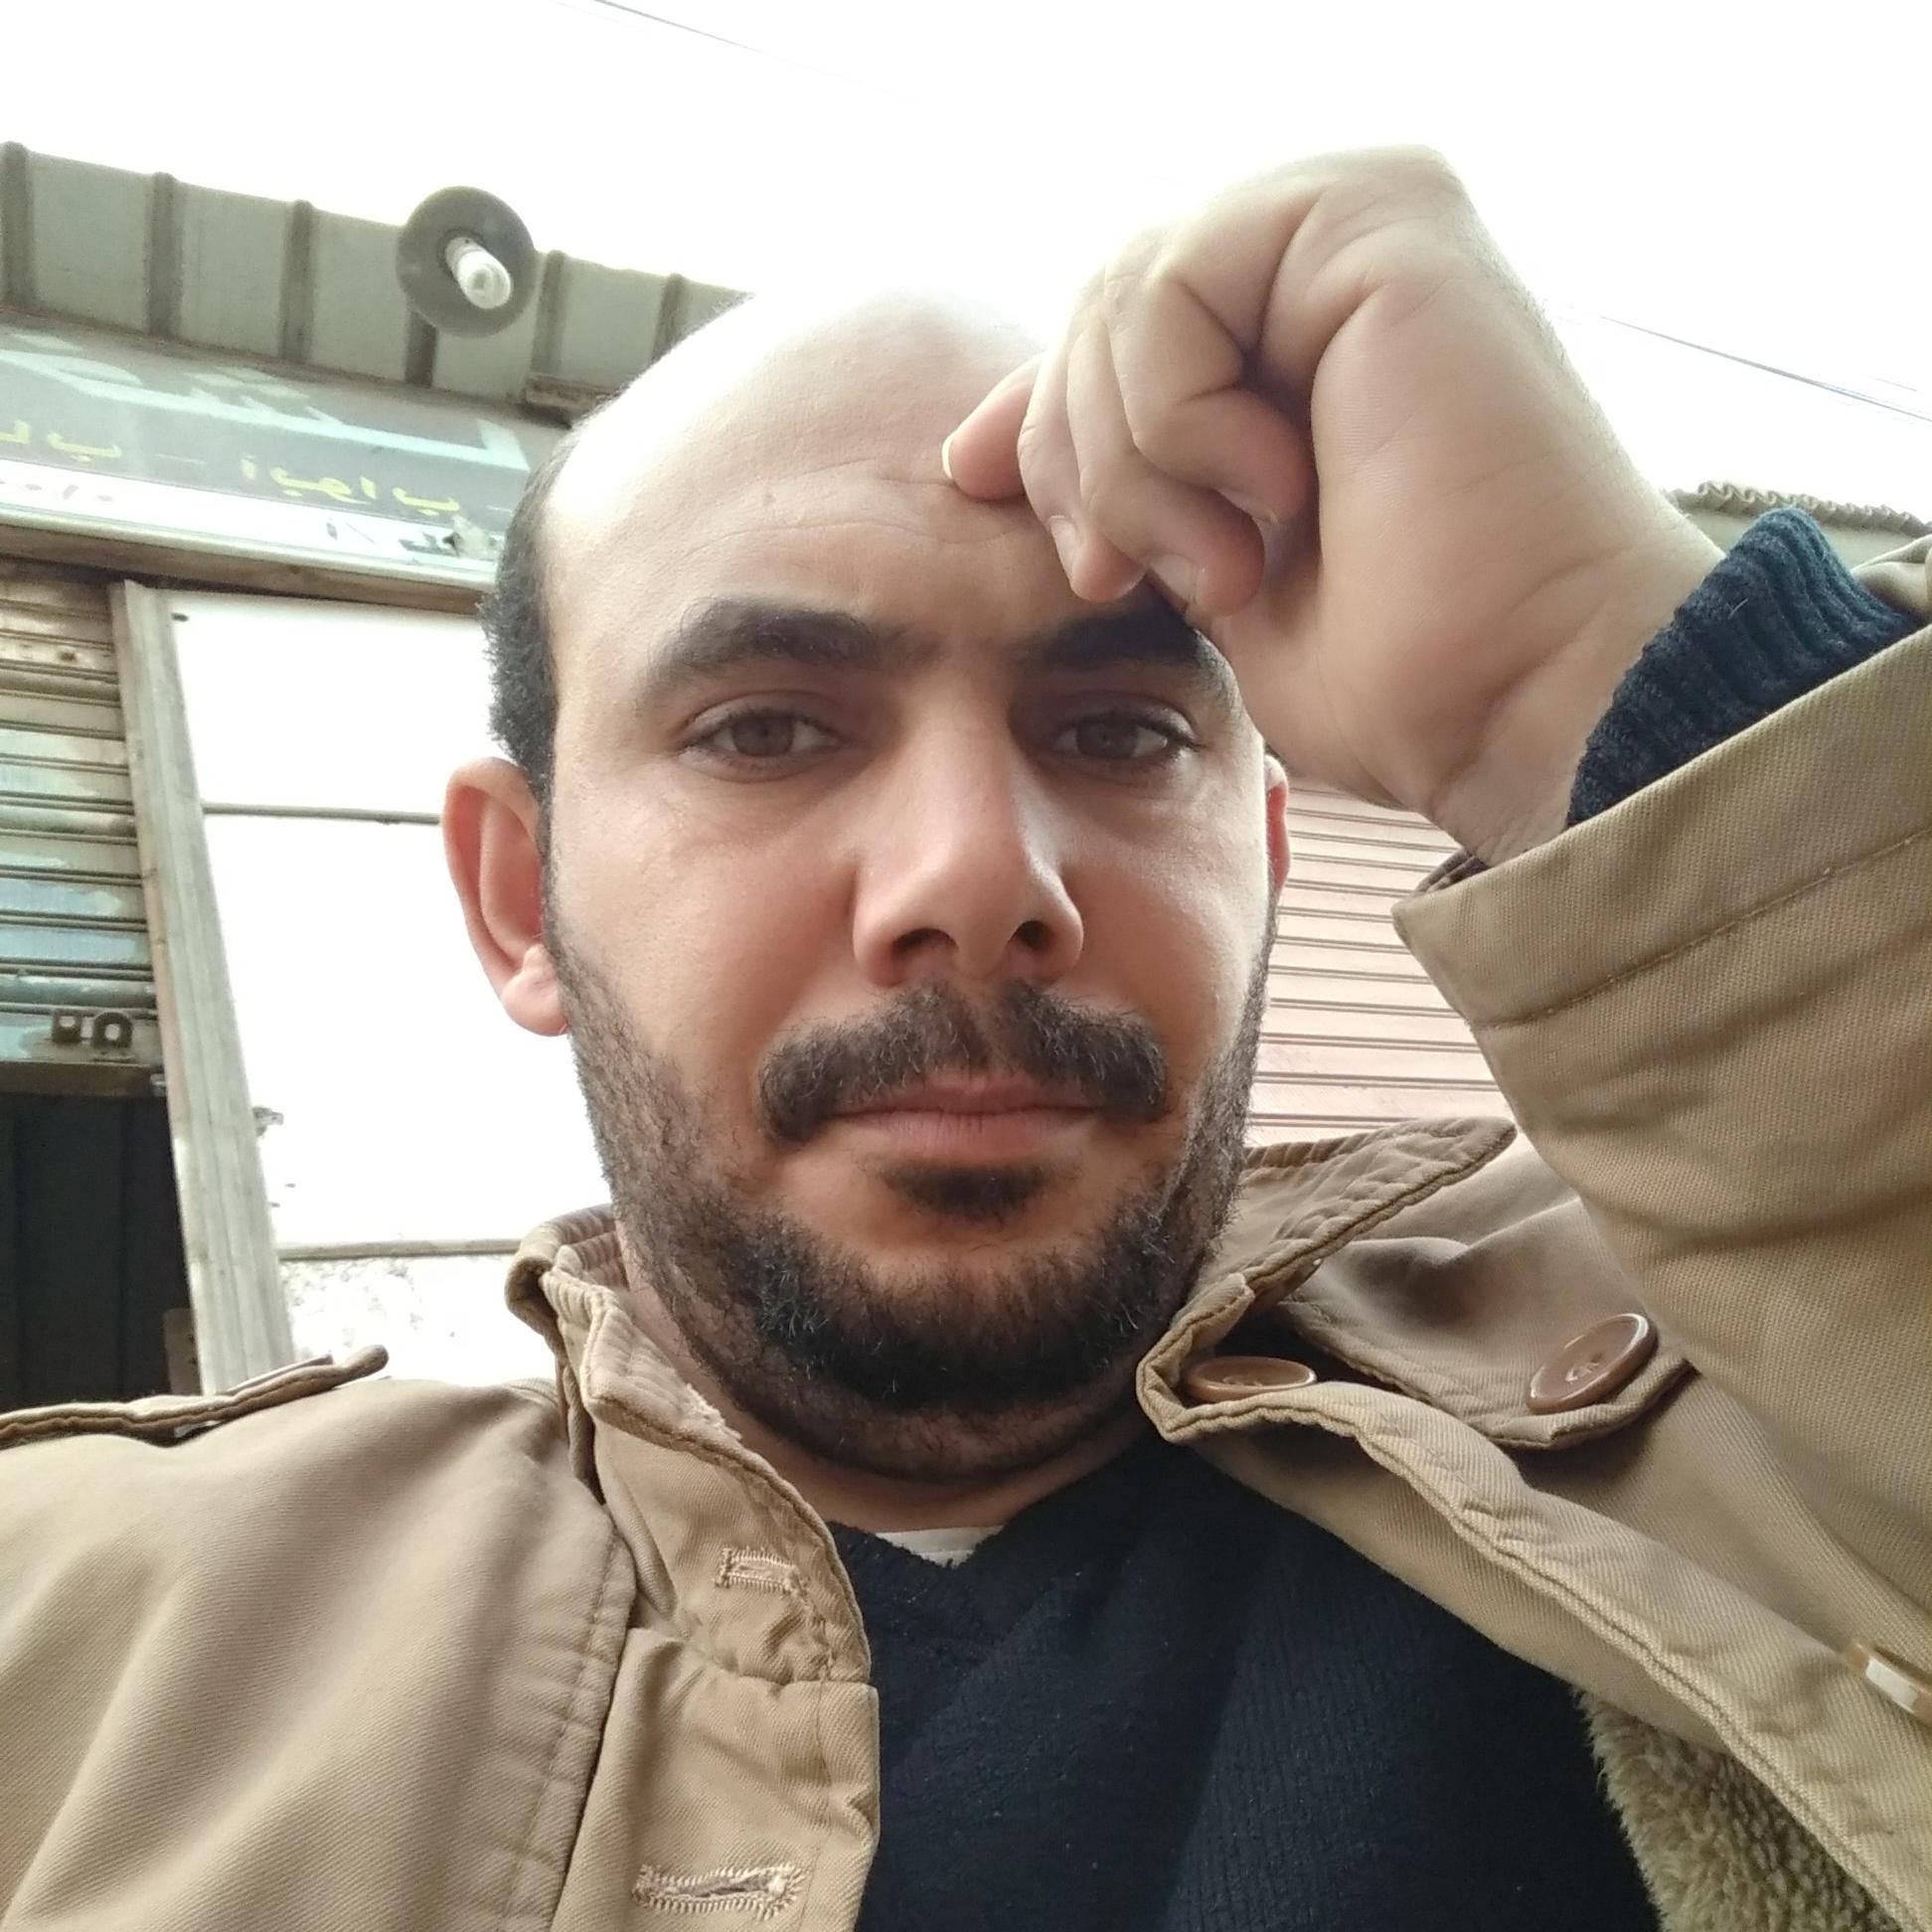 Mohamed abokhfaga